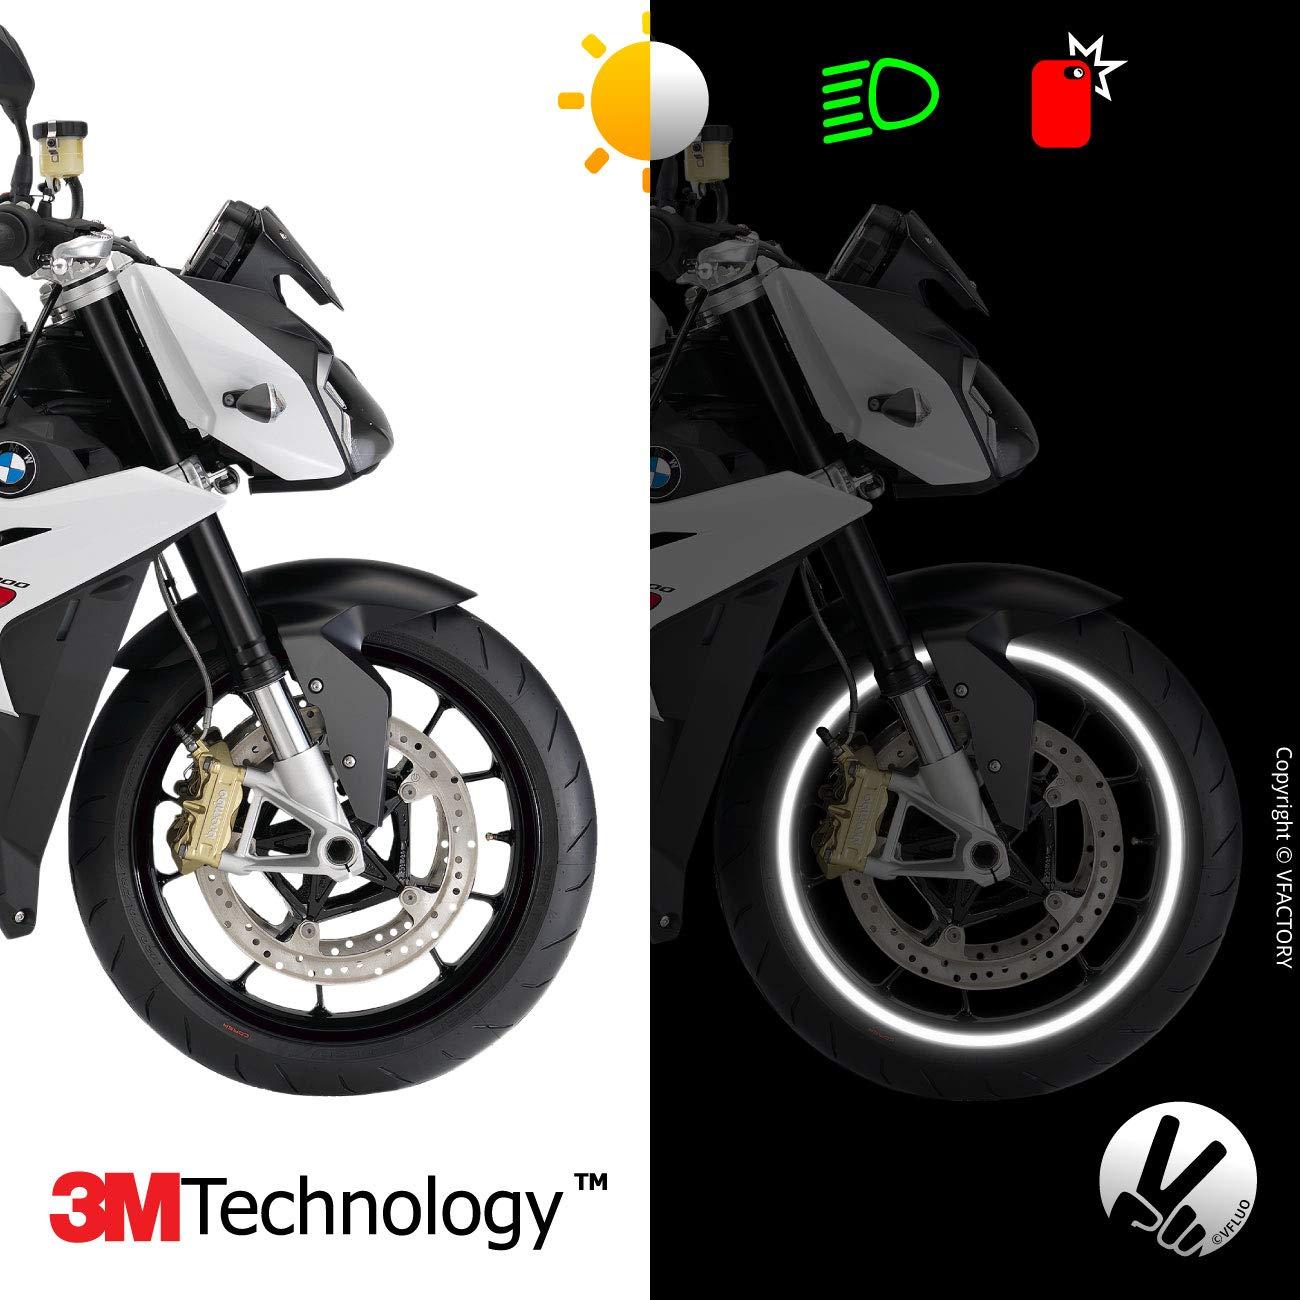 1 Roue Jaune VFLUO Circular/™ Kit Bandes Jantes Moto r/étro r/éfl/échissantes Liseret Largeur XL : 10 mm 3M Technology/™